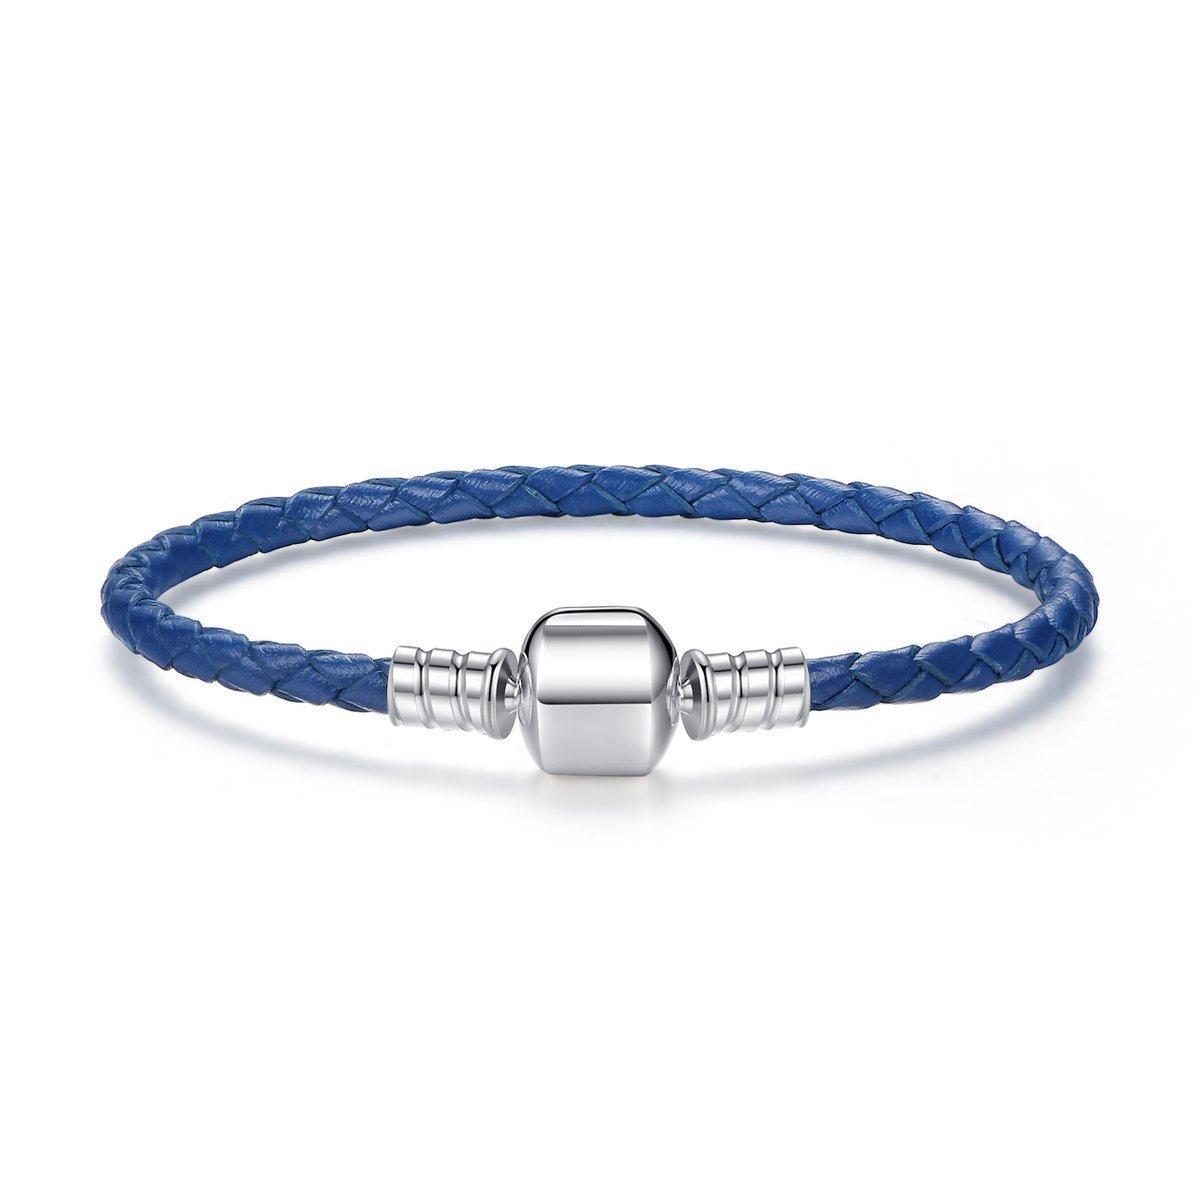 Кожаный браслет основа Pandora Style (стиль Пандора) синий - 20см 20 см